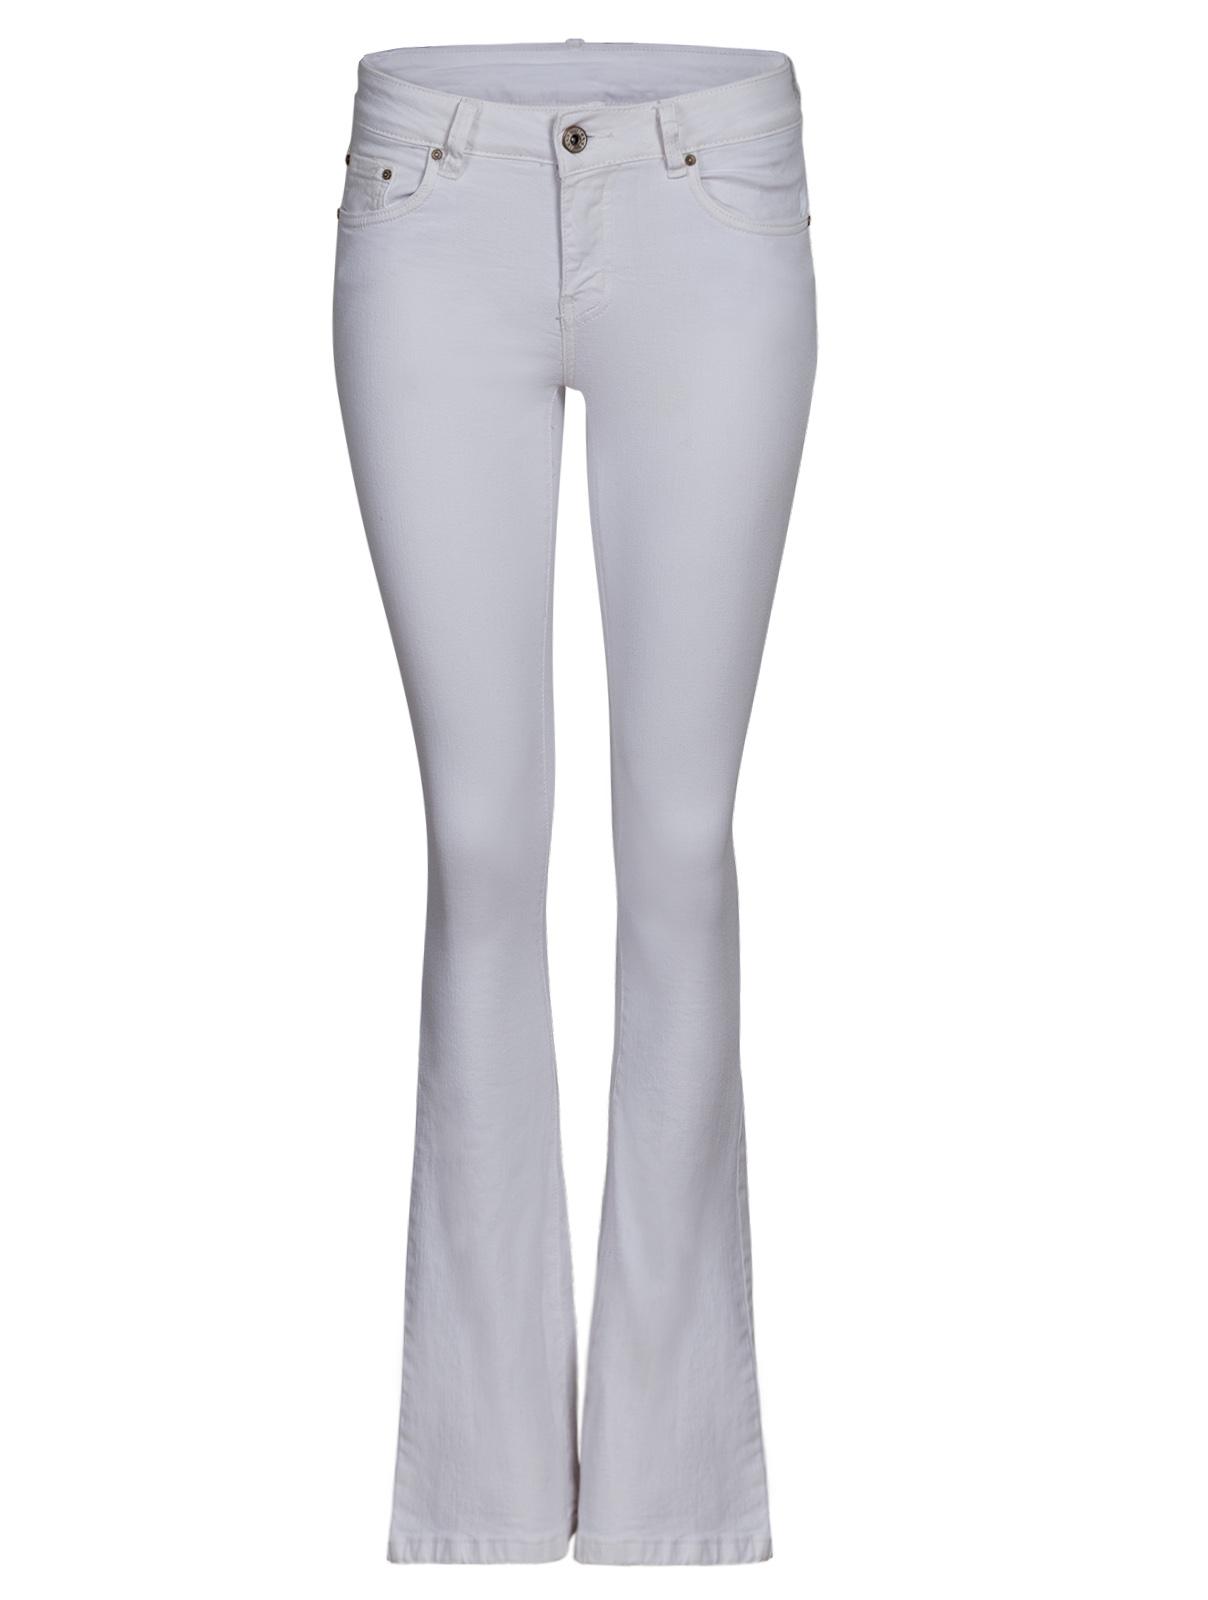 Λευκό Τζίν με Καμπάνα γυναικεία   παντελόνια   τζίν   ντένιμ